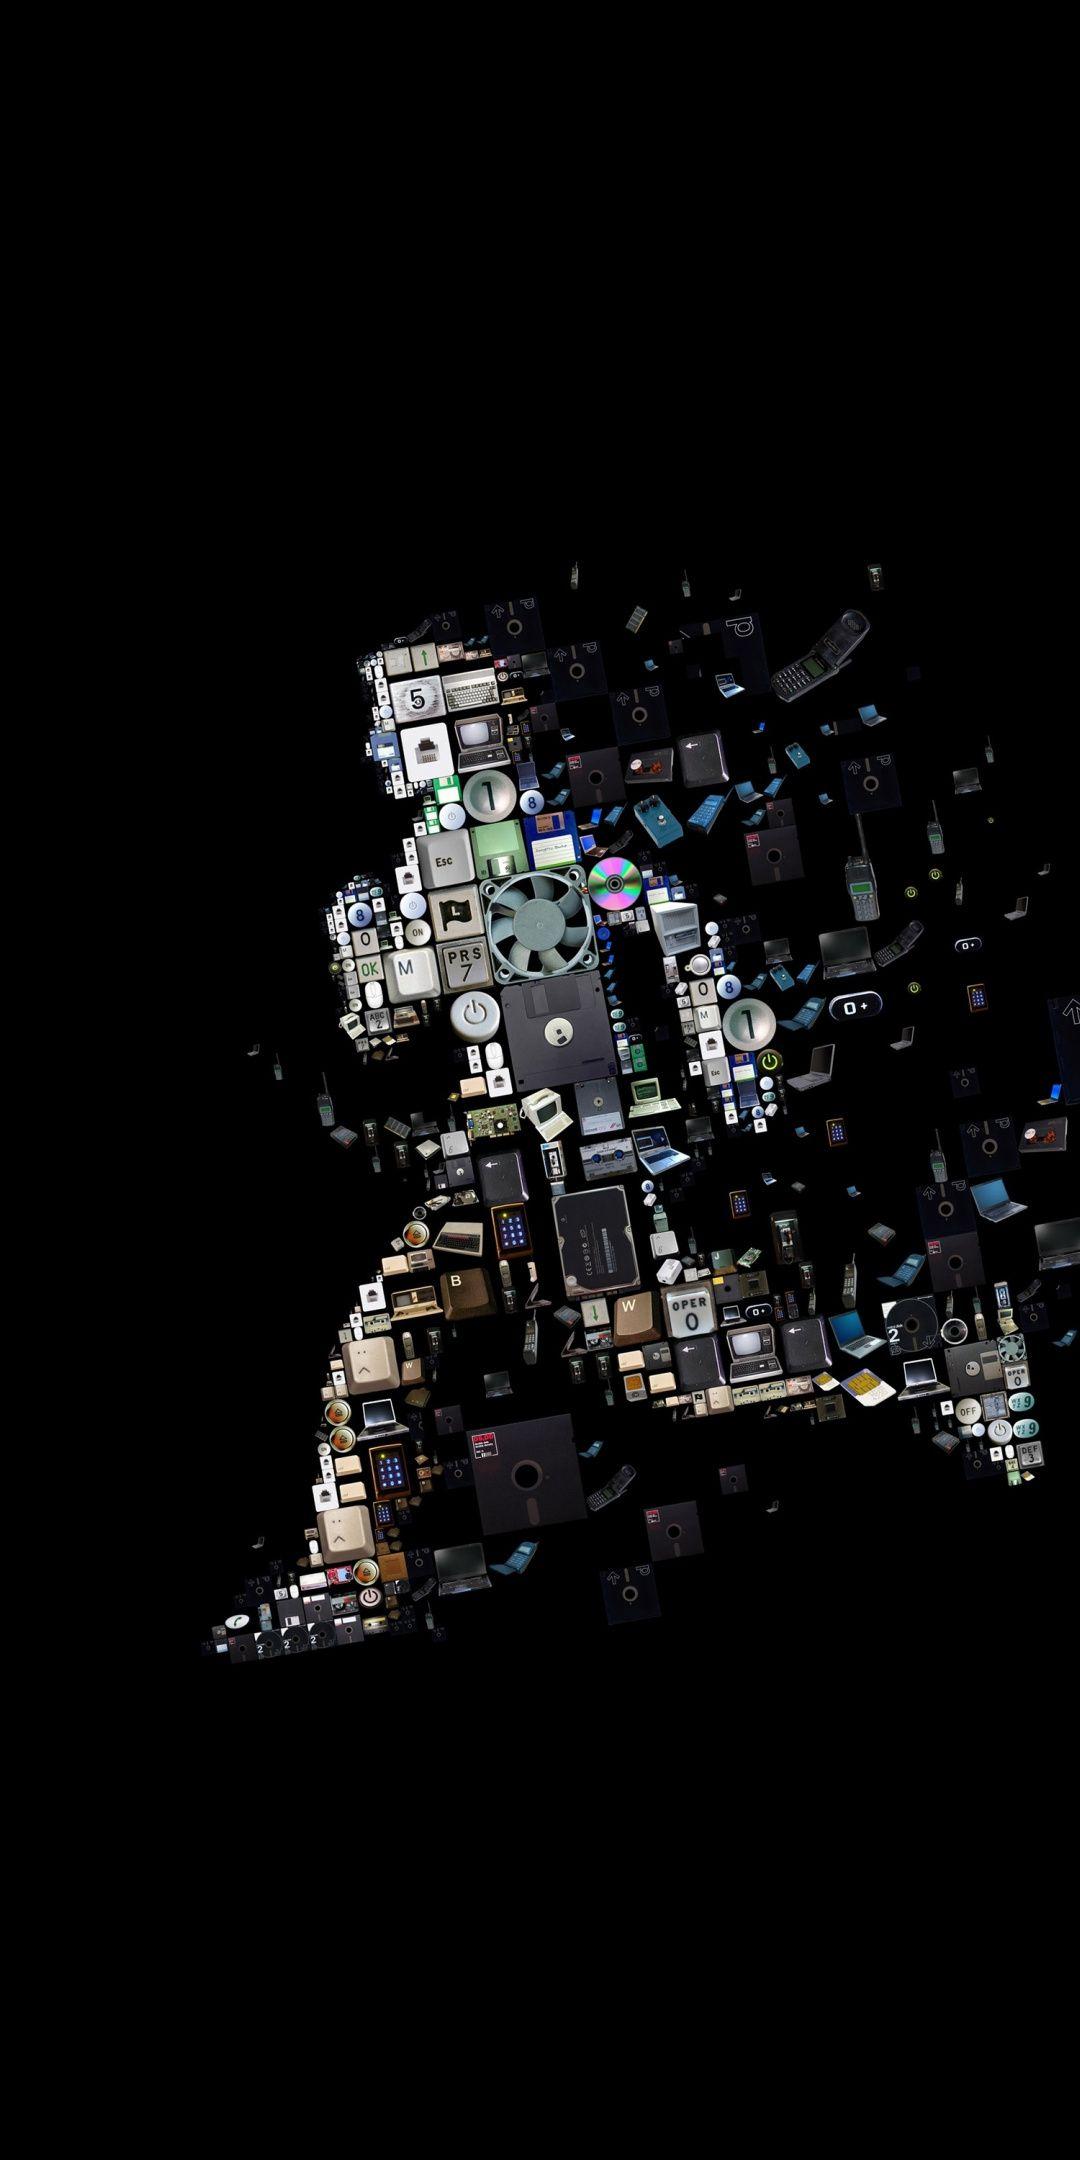 Run Man Technology Art 1080x2160 Wallpaper Art Technology